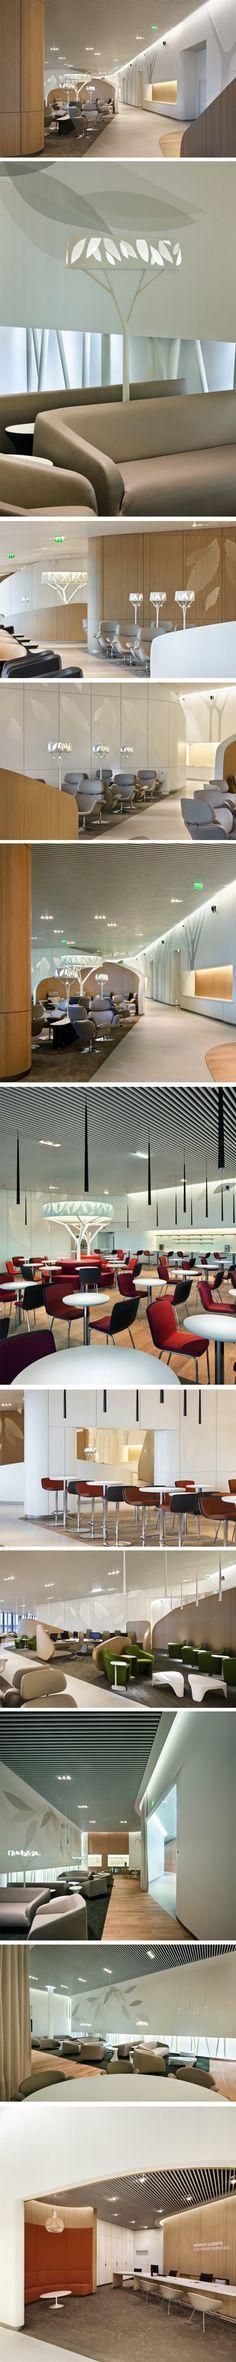 Business Lounge d'Air France par Noé Duchaufour-Lawrance et Brandimage: